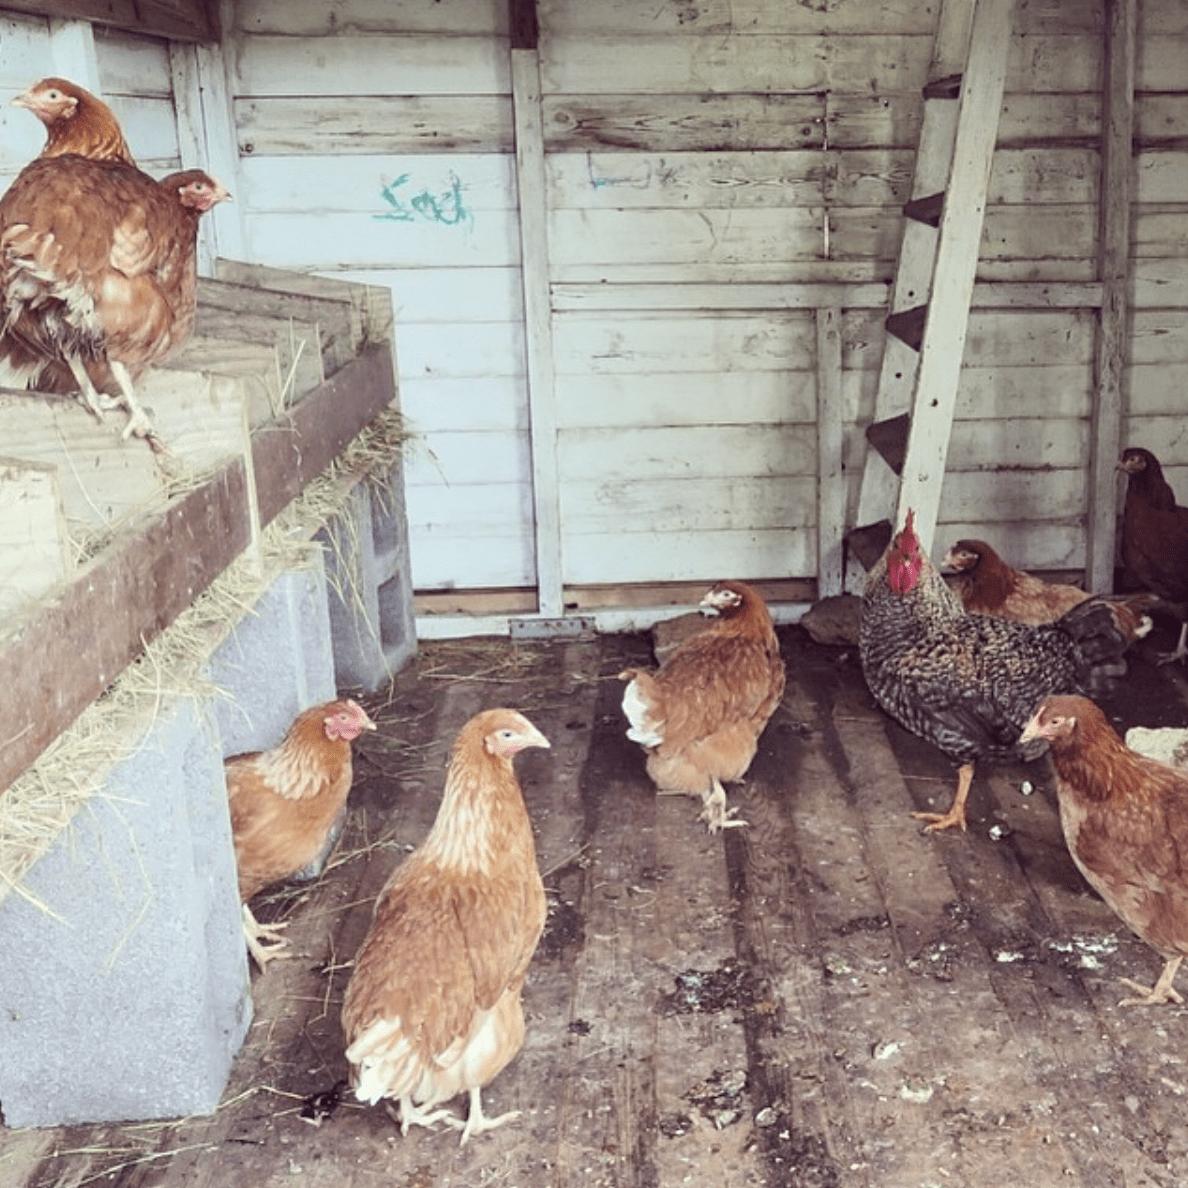 raising chickens in toronto edit seven 2018